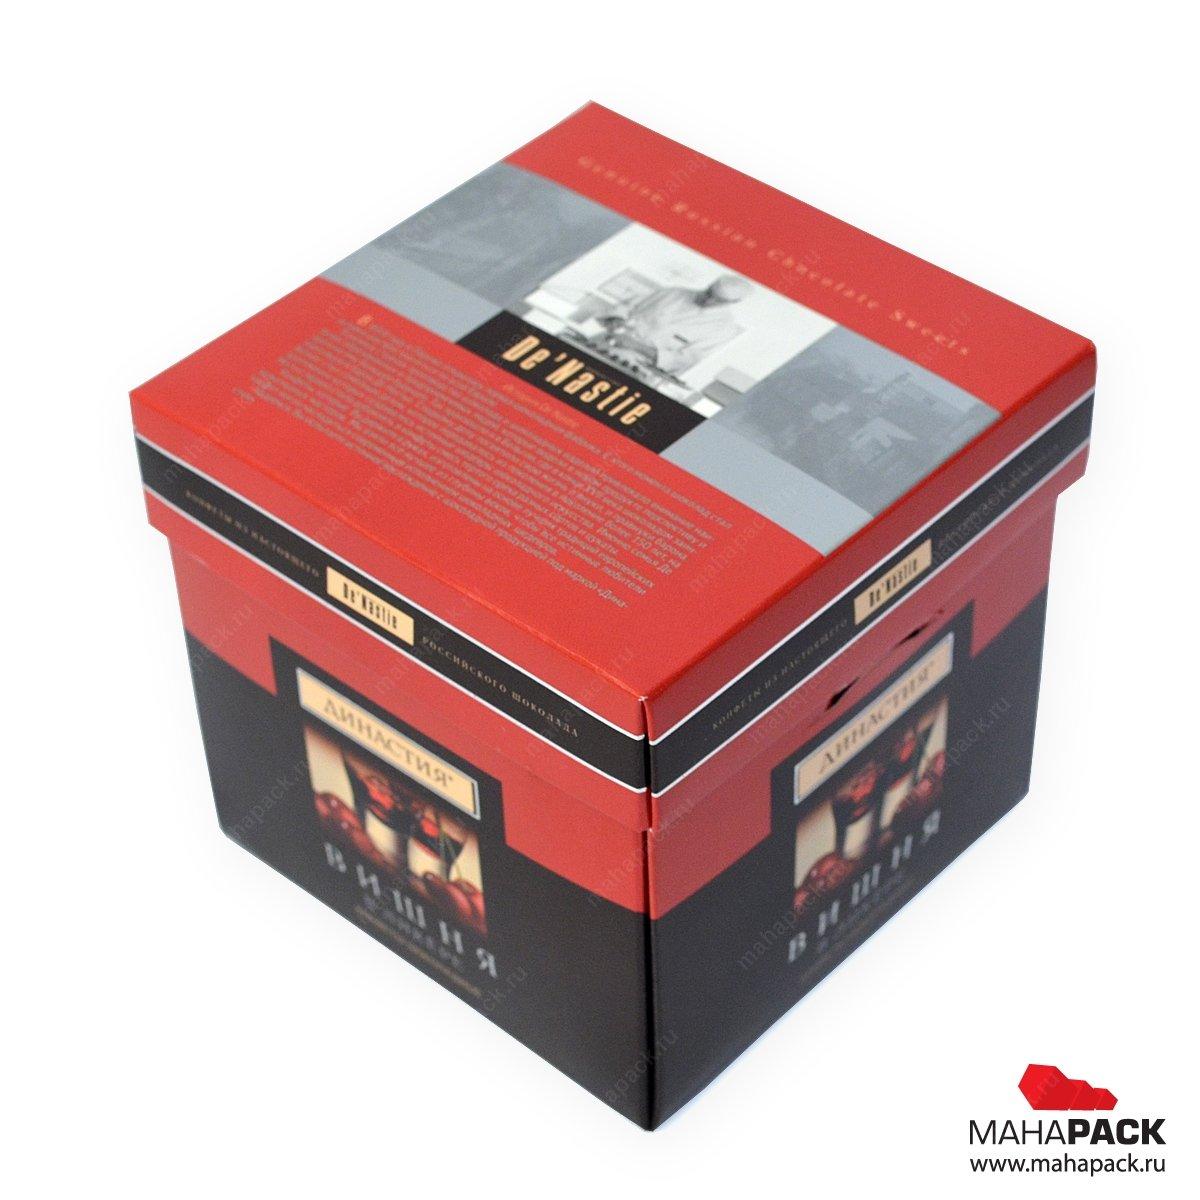 Самосборная коробочка-кубик для конфет